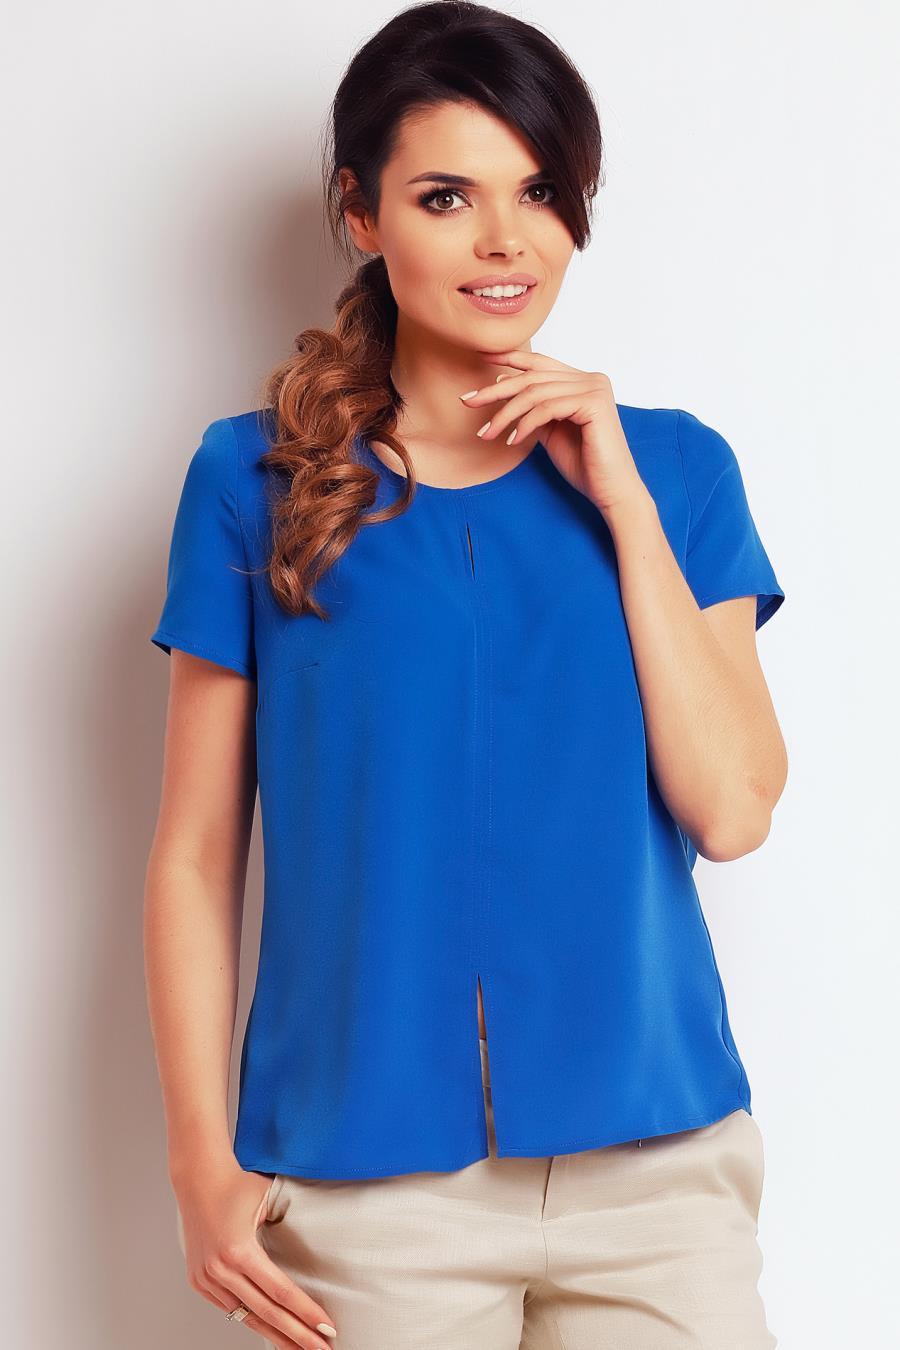 ade719a1925338 bluzki, damskie, chabrowe, modne, sklep, online, letnie, a138 ...